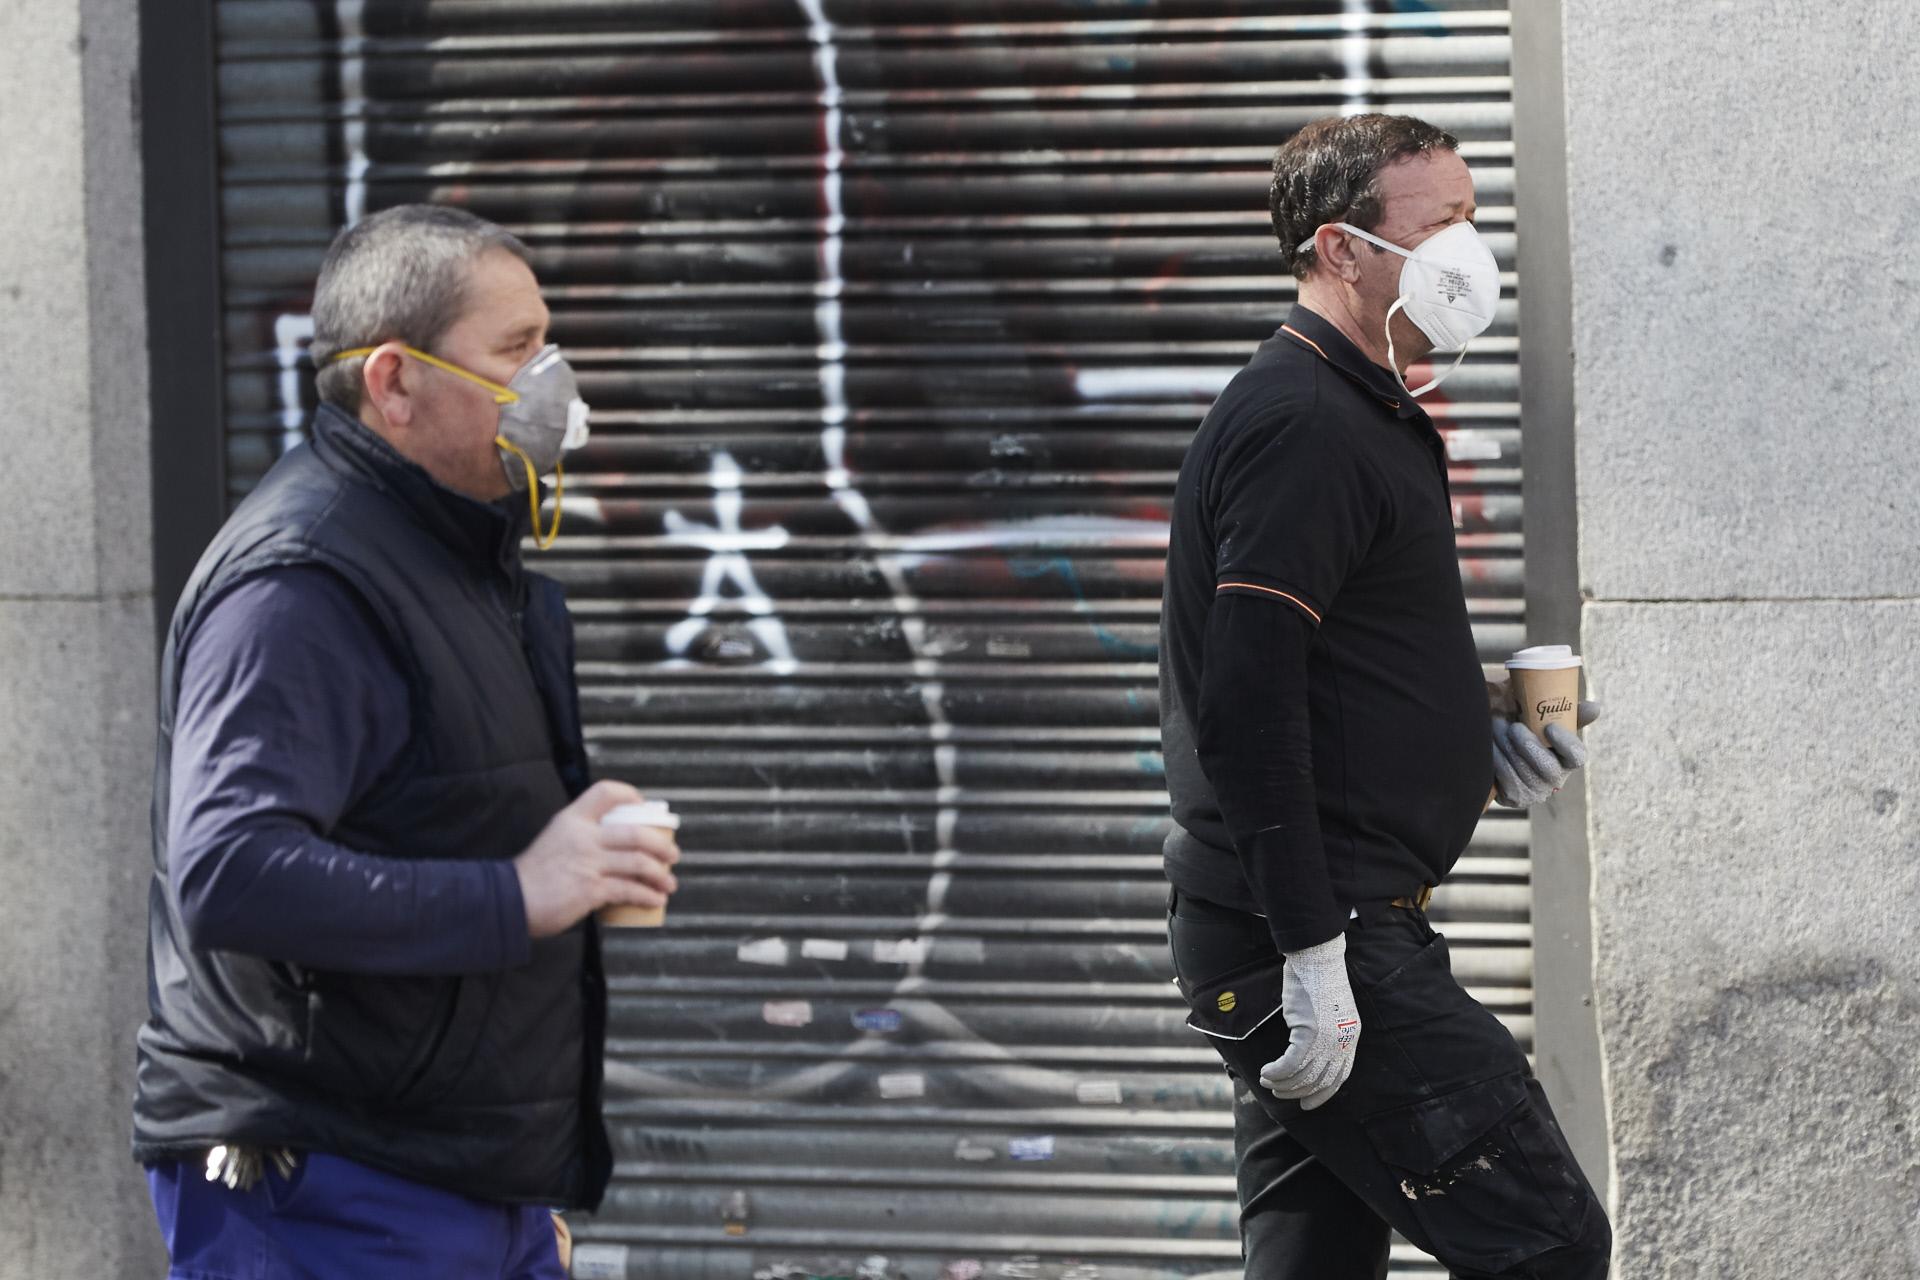 Trabajadores por las calles de Madrid ante el coronavirus / Gtres